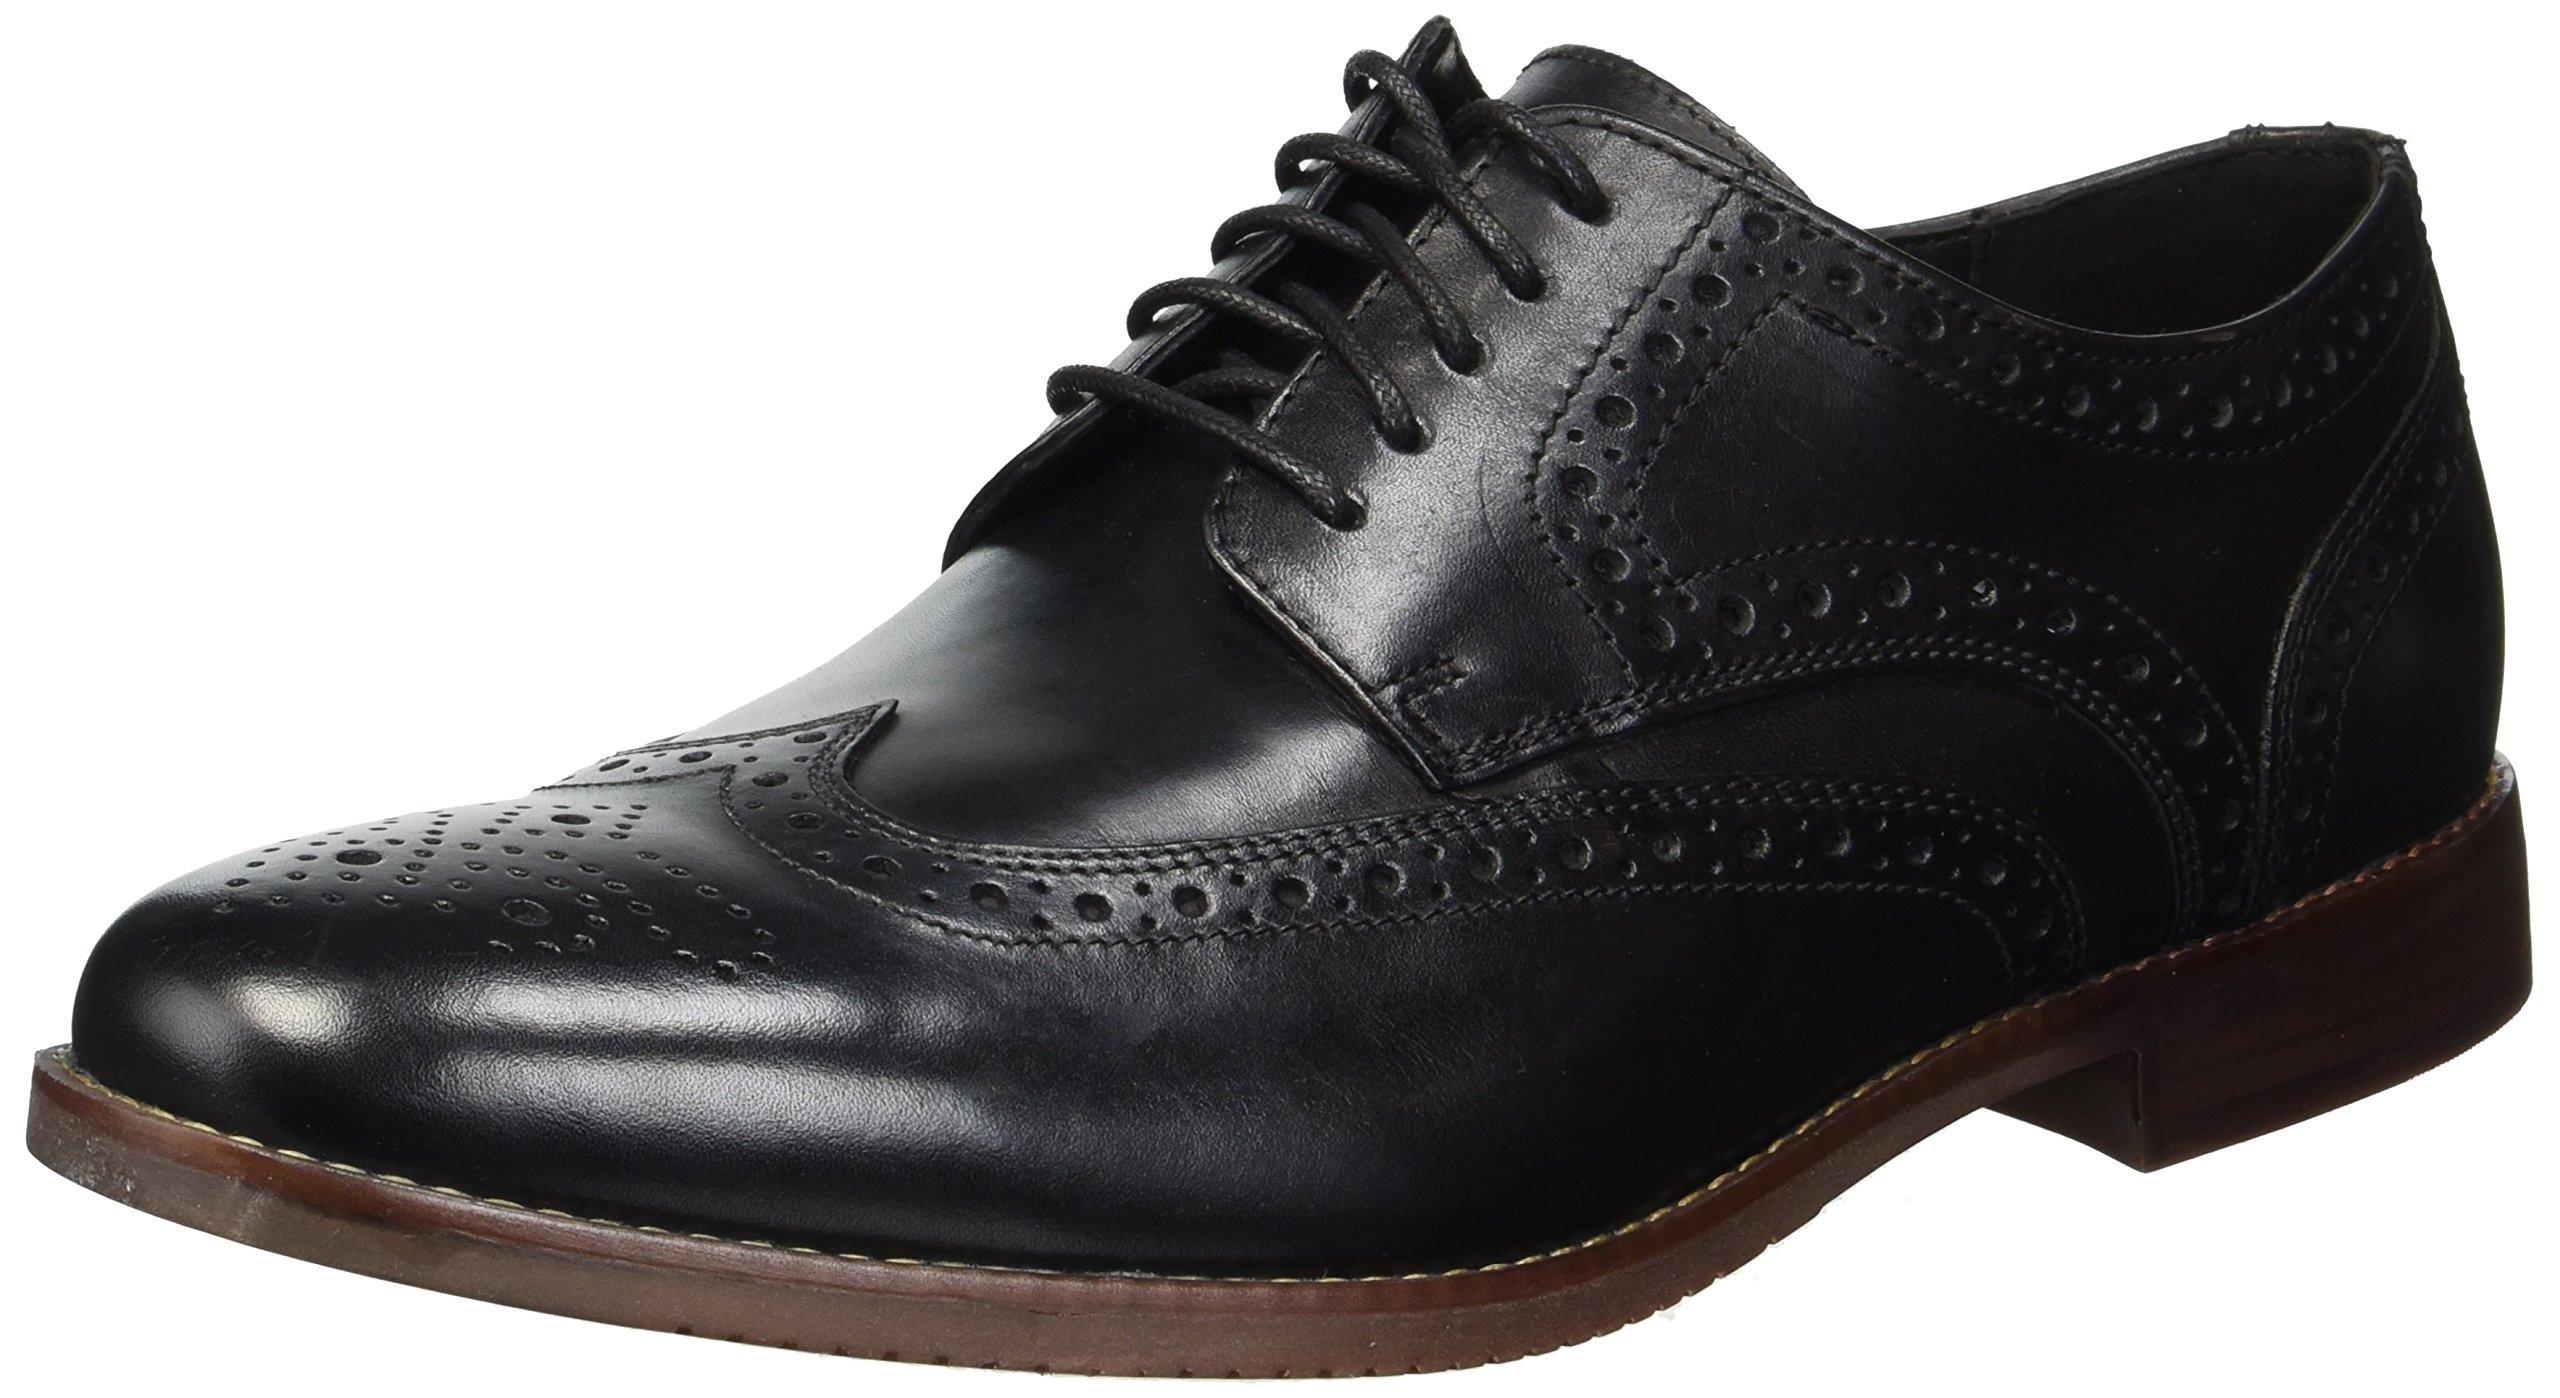 Rockport Men's Derby Room Wingtip Shoe, Black, 9 M US by Rockport